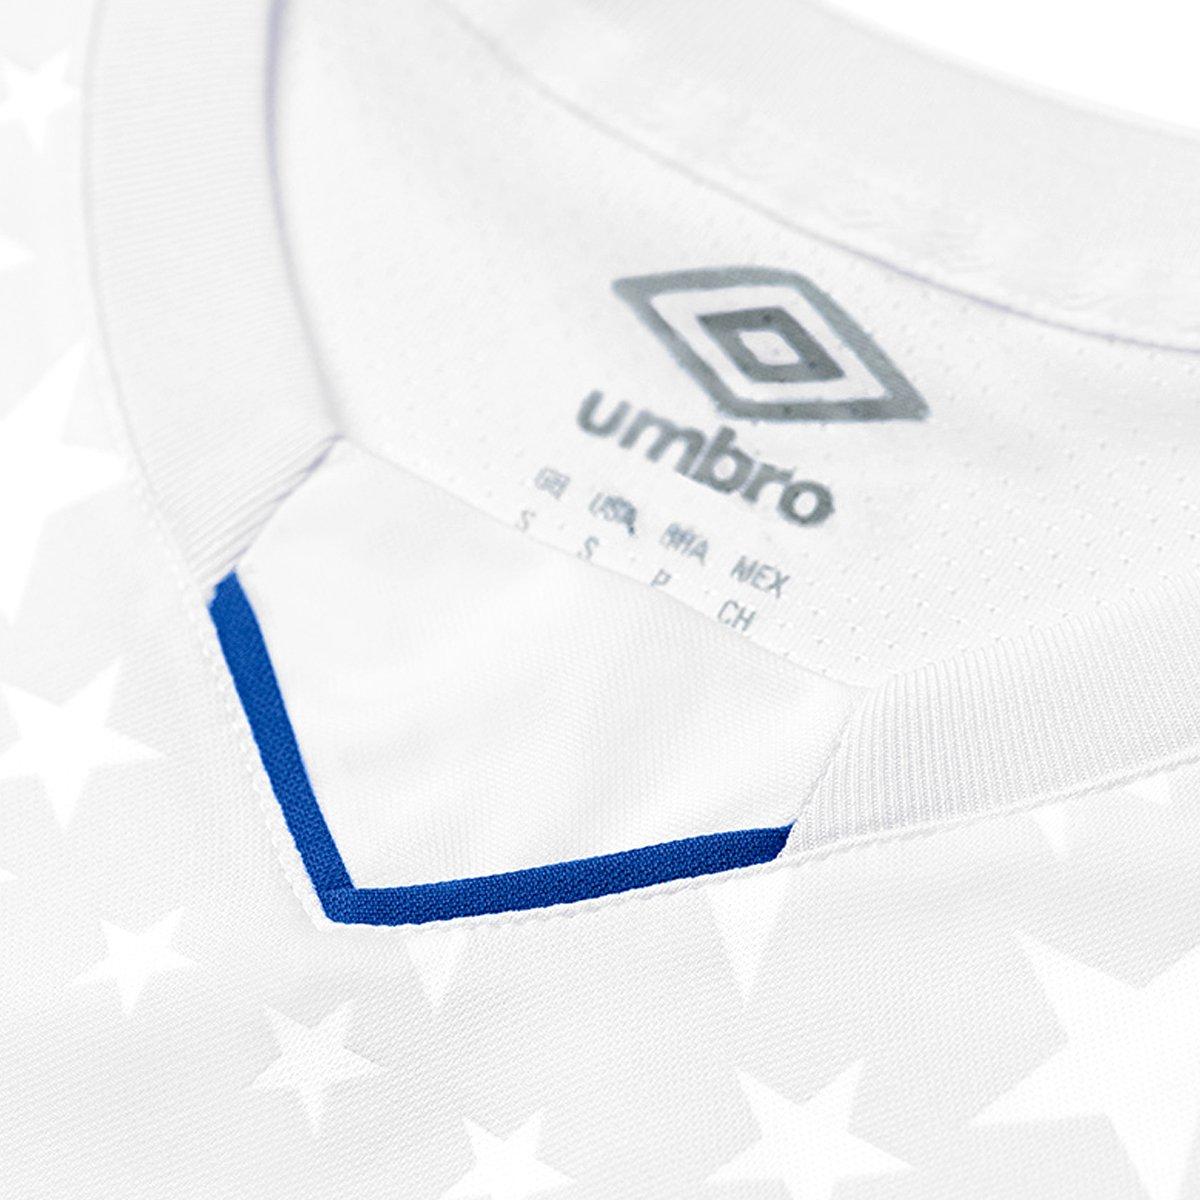 Camisa Cruzeiro Infantil II 2019 s n° - Torcedor Umbro - Branco e ... 661d8f76a65e2